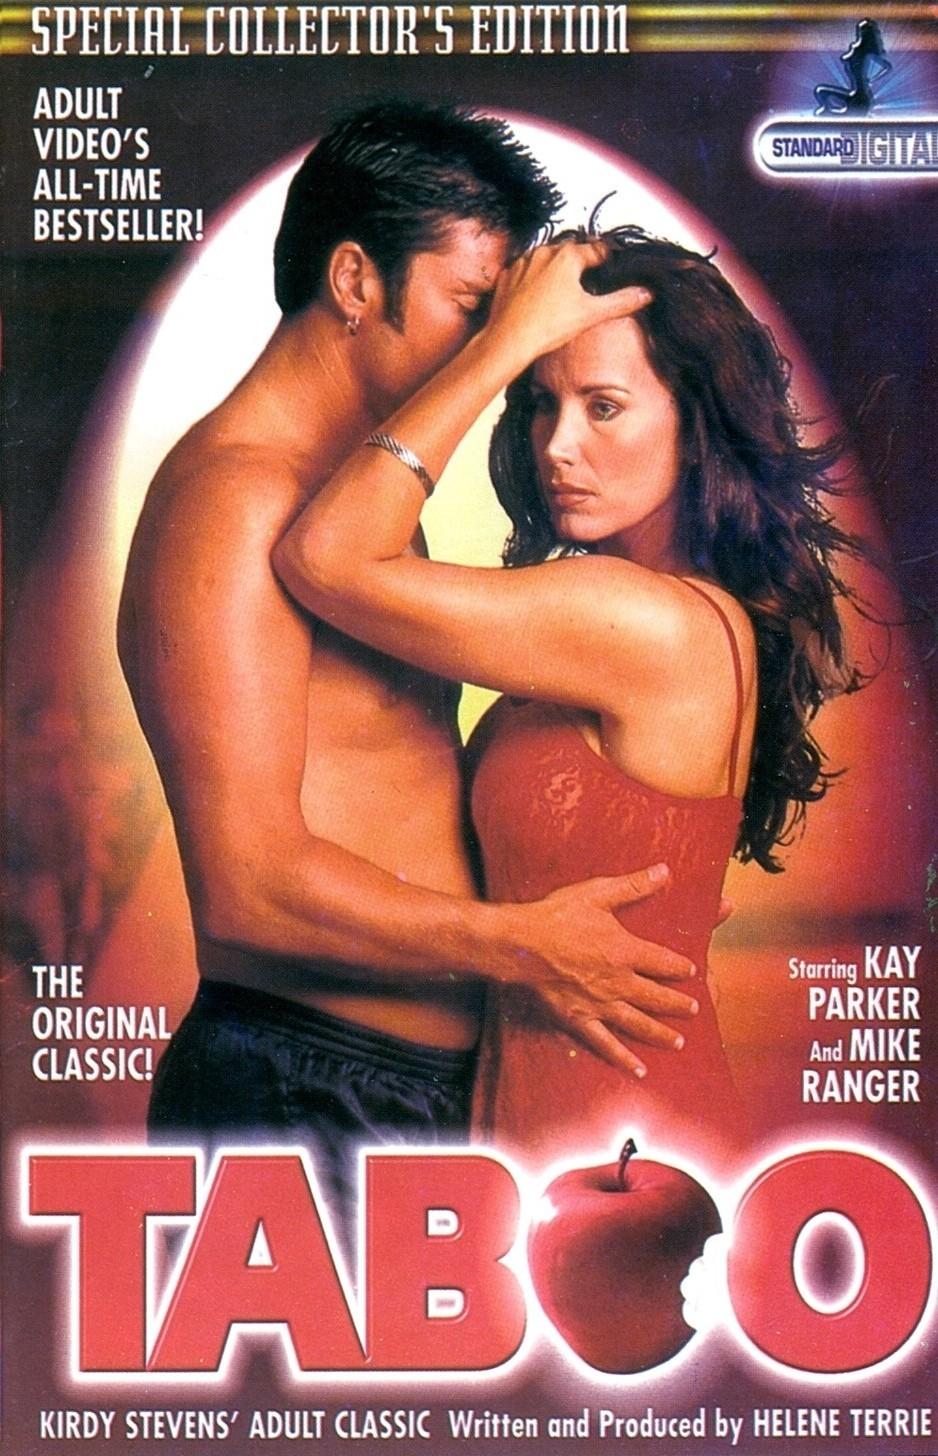 Порно фильмы винтаж самый ужасный и жесткий трахнула